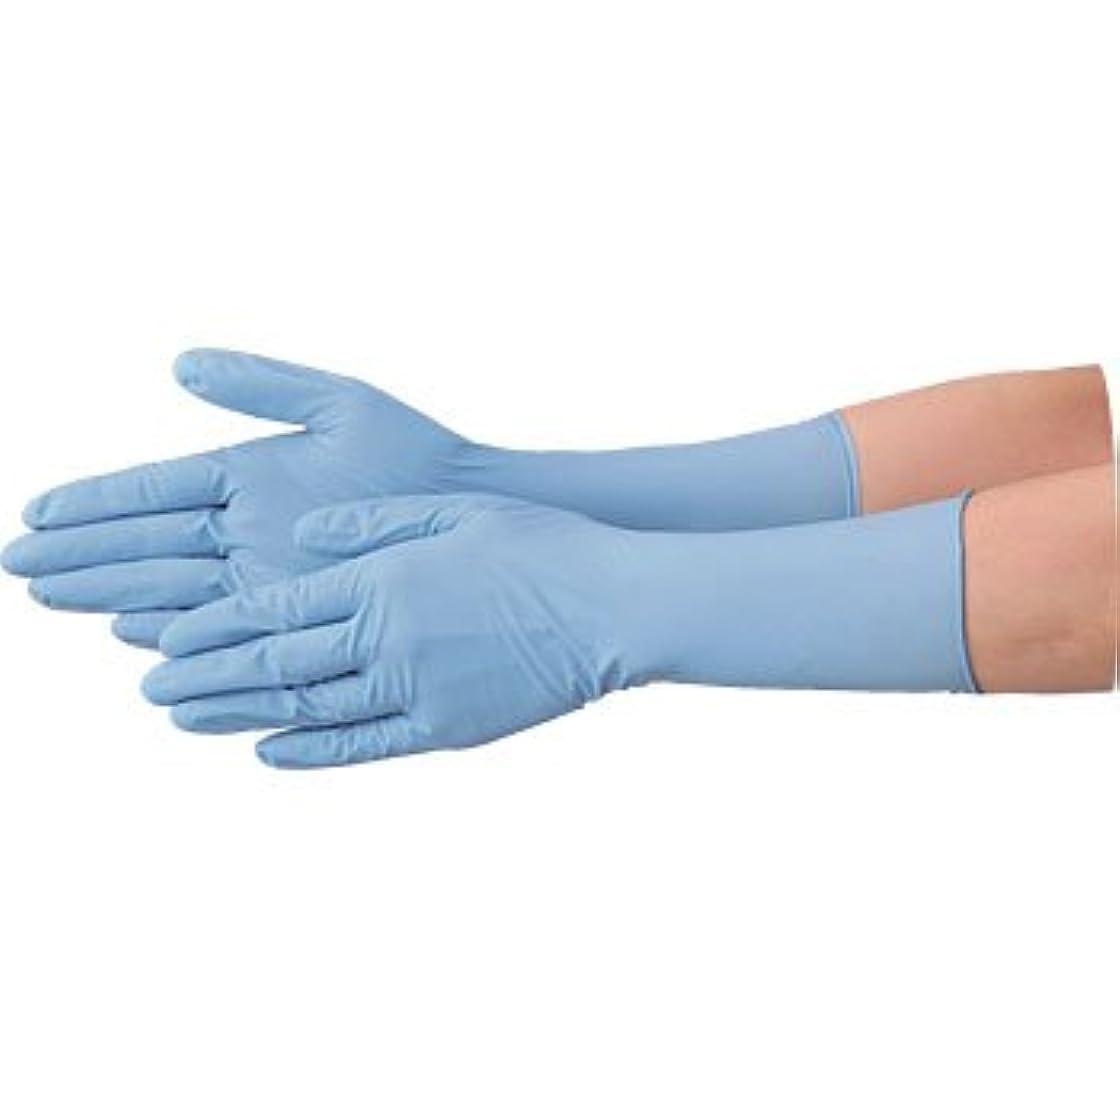 不確実ケージ弱点使い捨て 手袋 エブノ 528 ニトリル ロング手袋 パウダーフリー 全長29cm ブルー Sサイズ 2ケース(100枚×40箱)